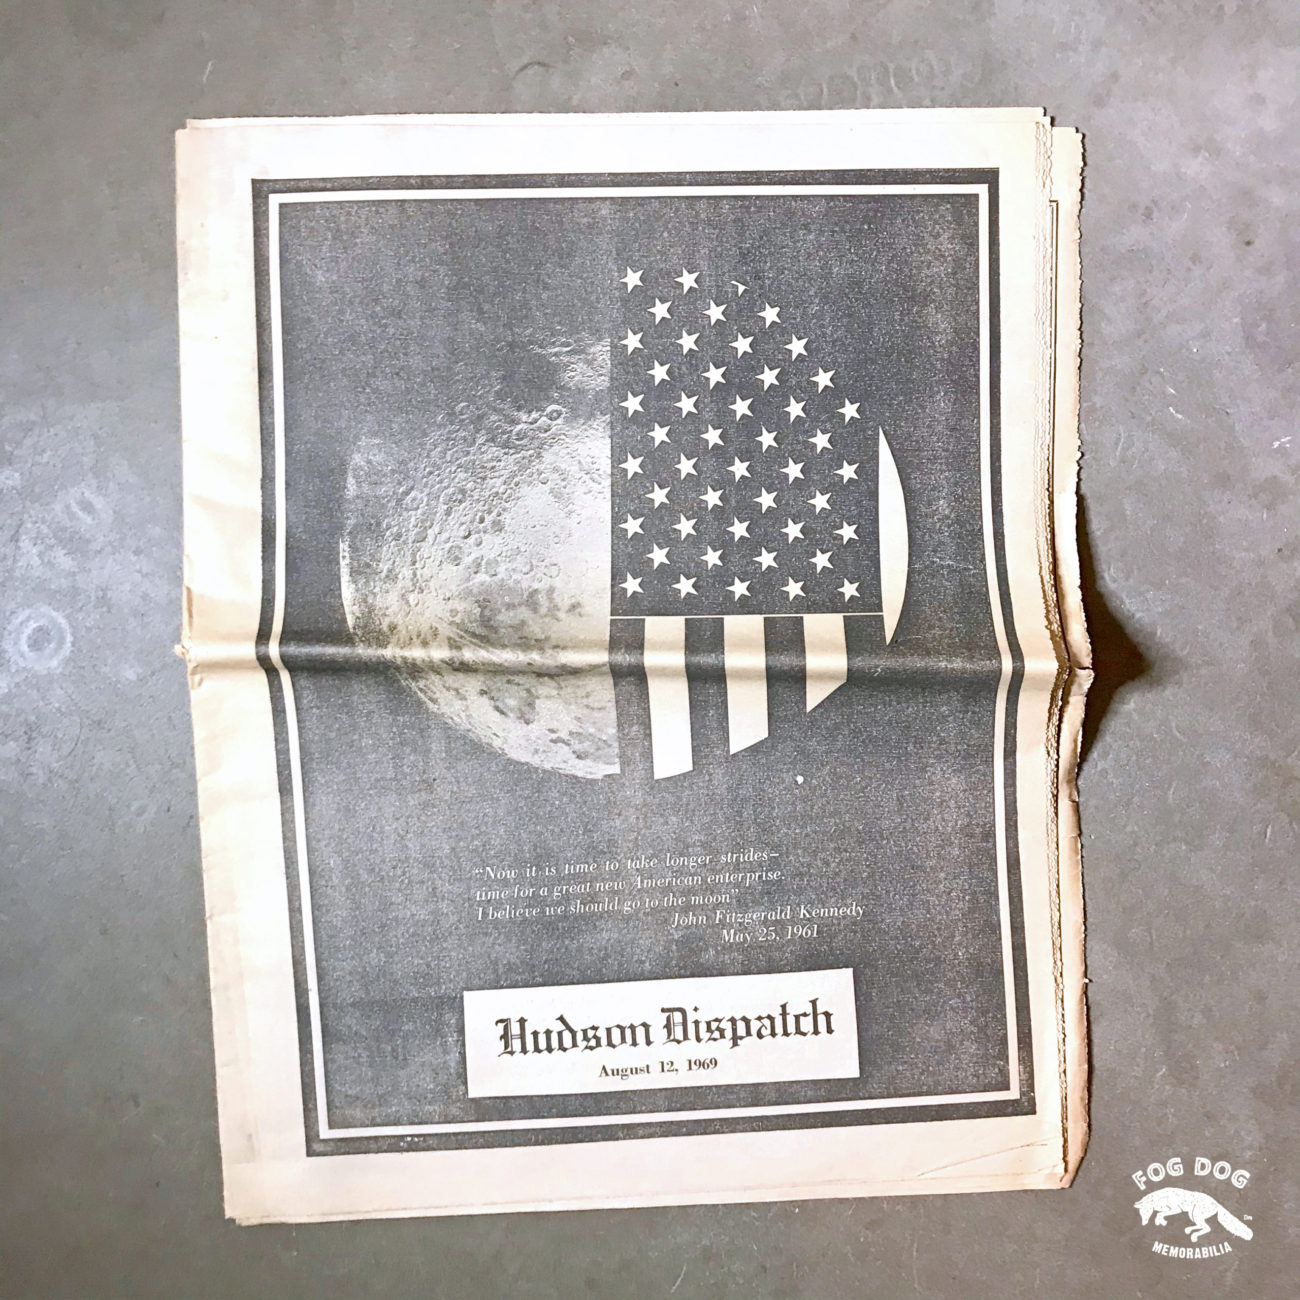 Vydání novin z roku 1969 - mise NASA, Apollo 11